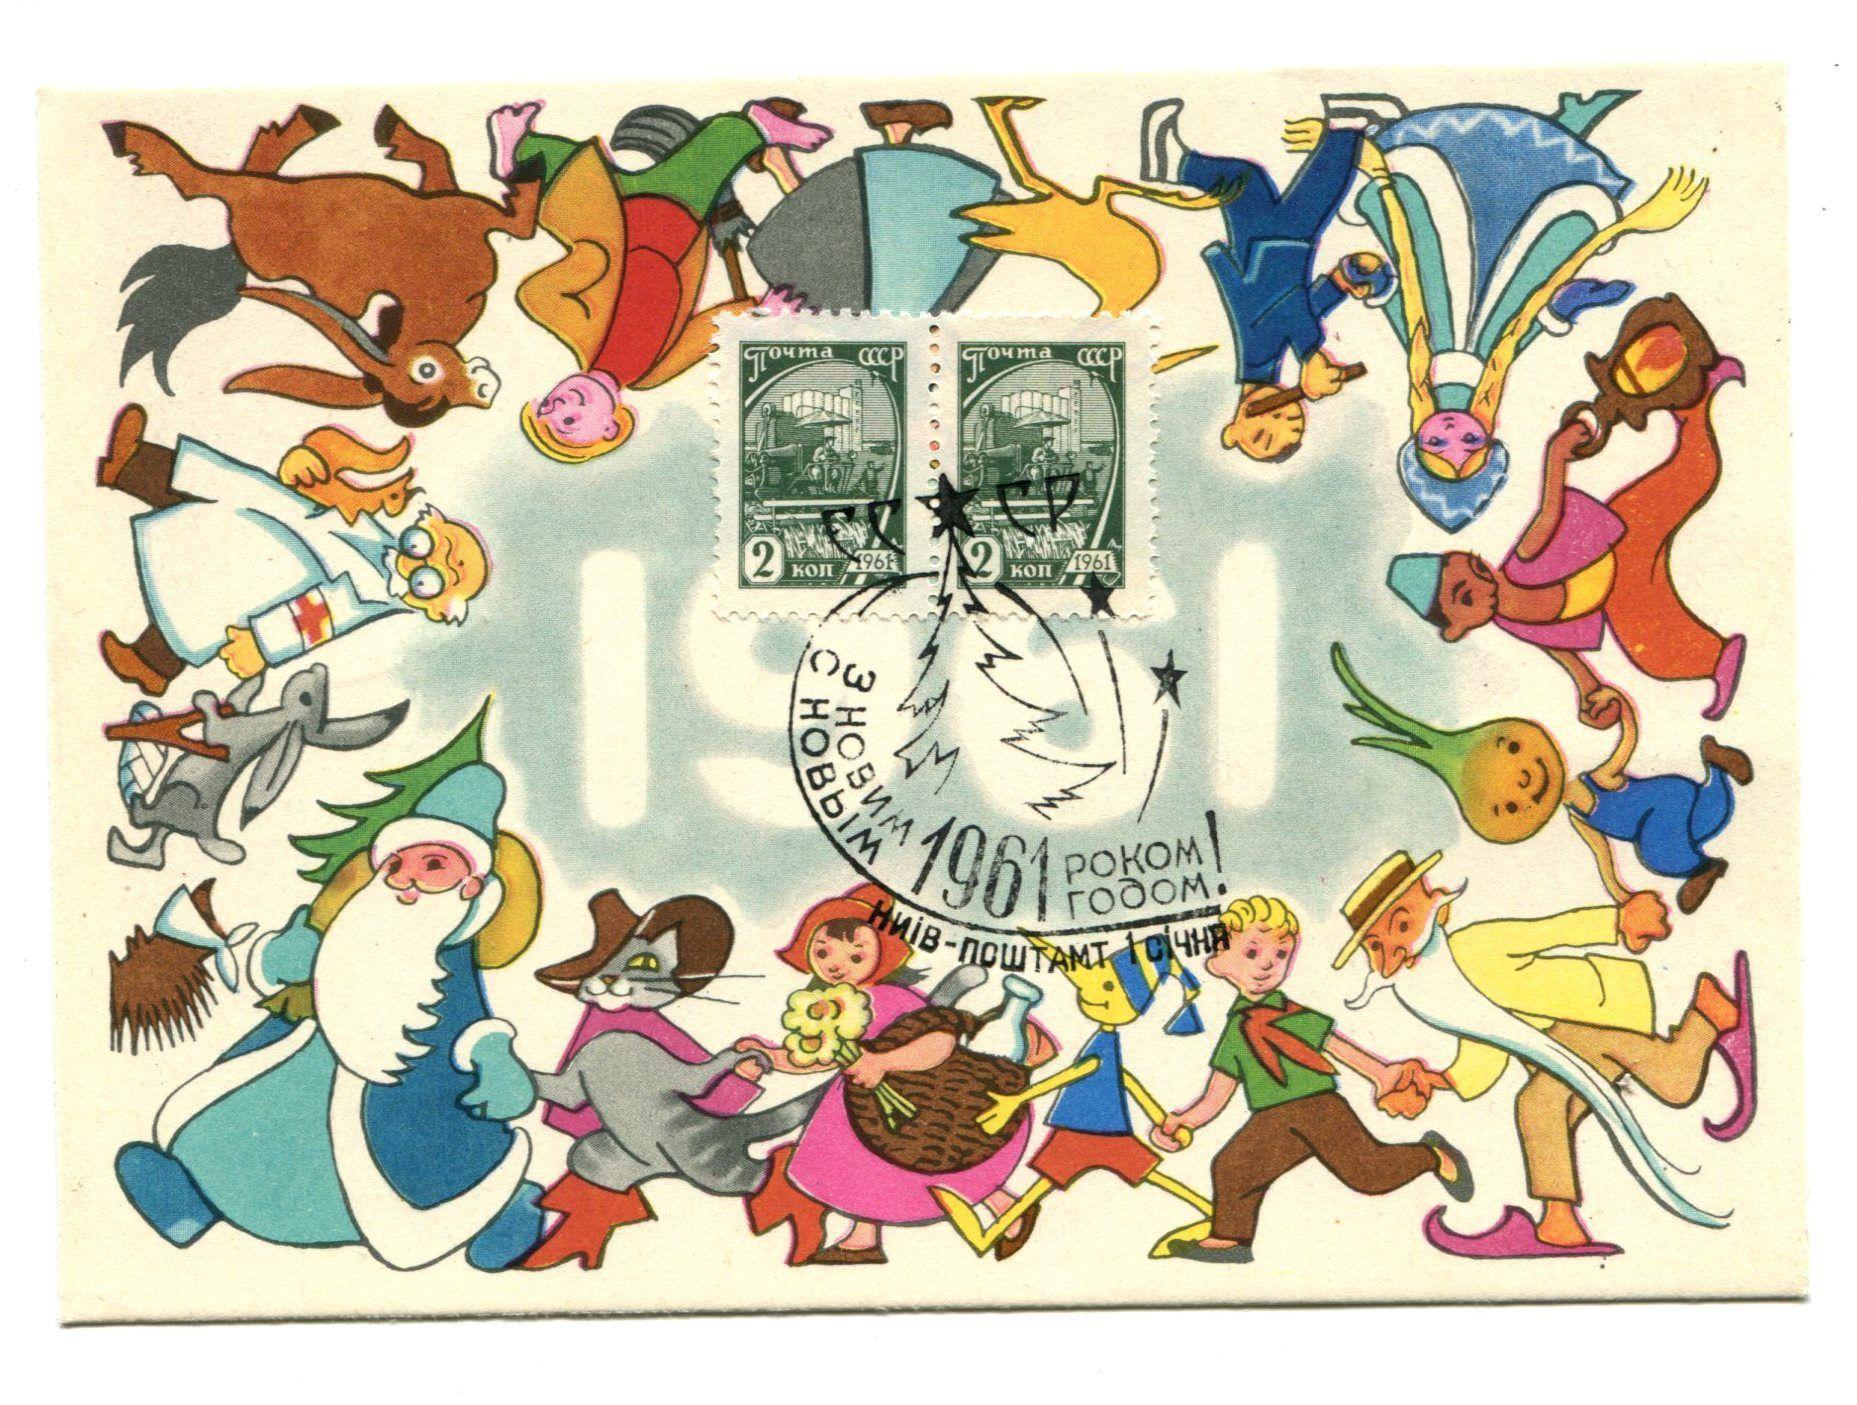 Открытки с новым годом 1961 год, раскрасках картинки гениев